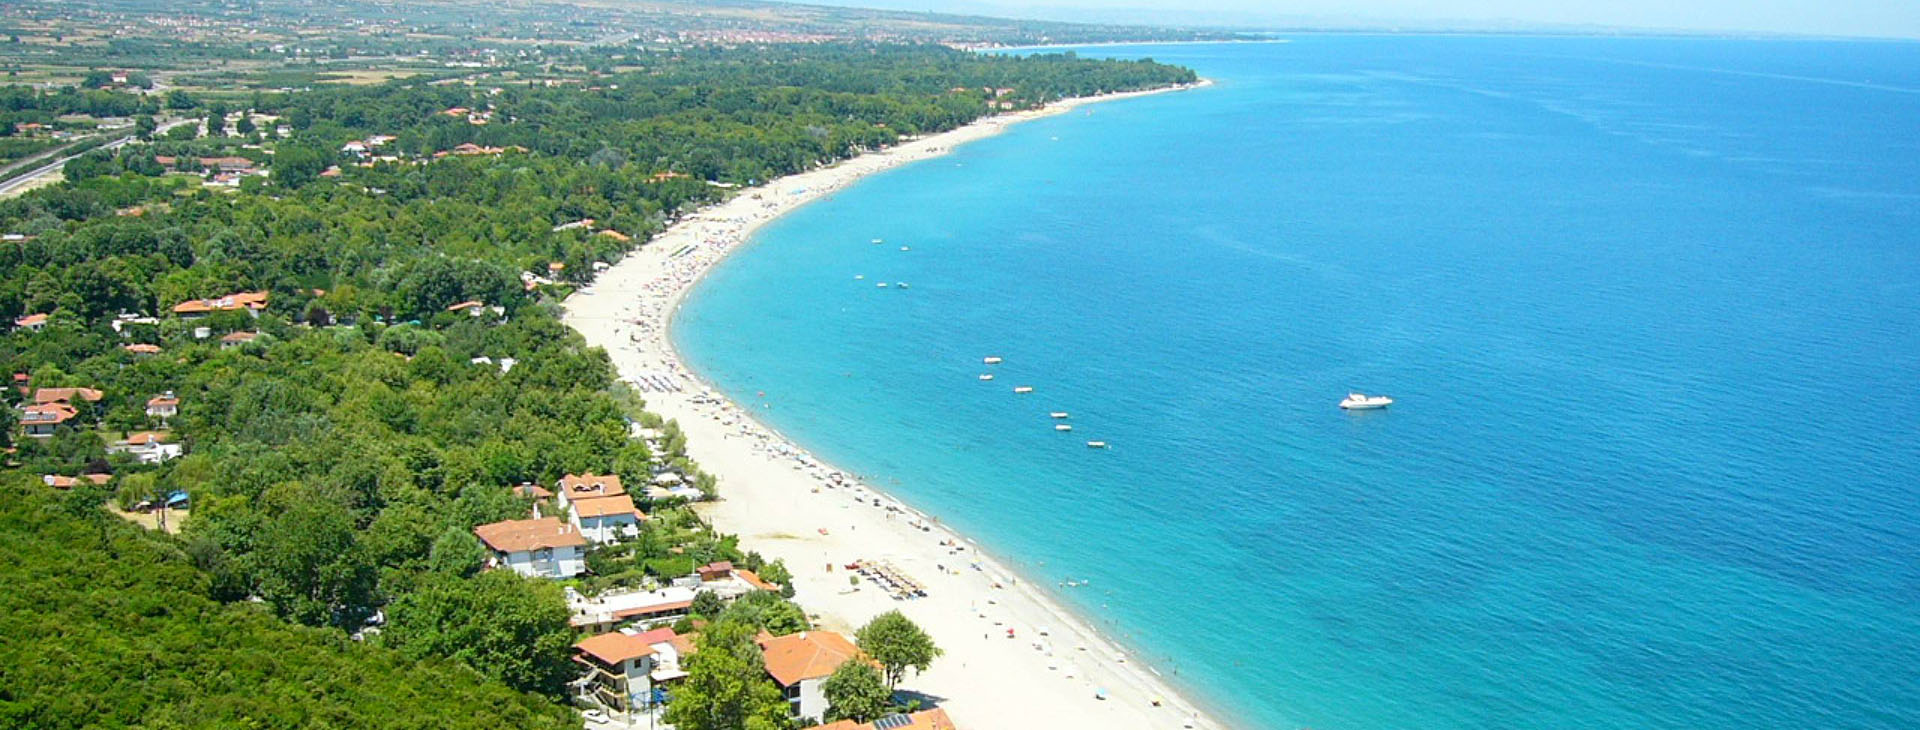 Neos Pantelaeimonas beach, Pieria